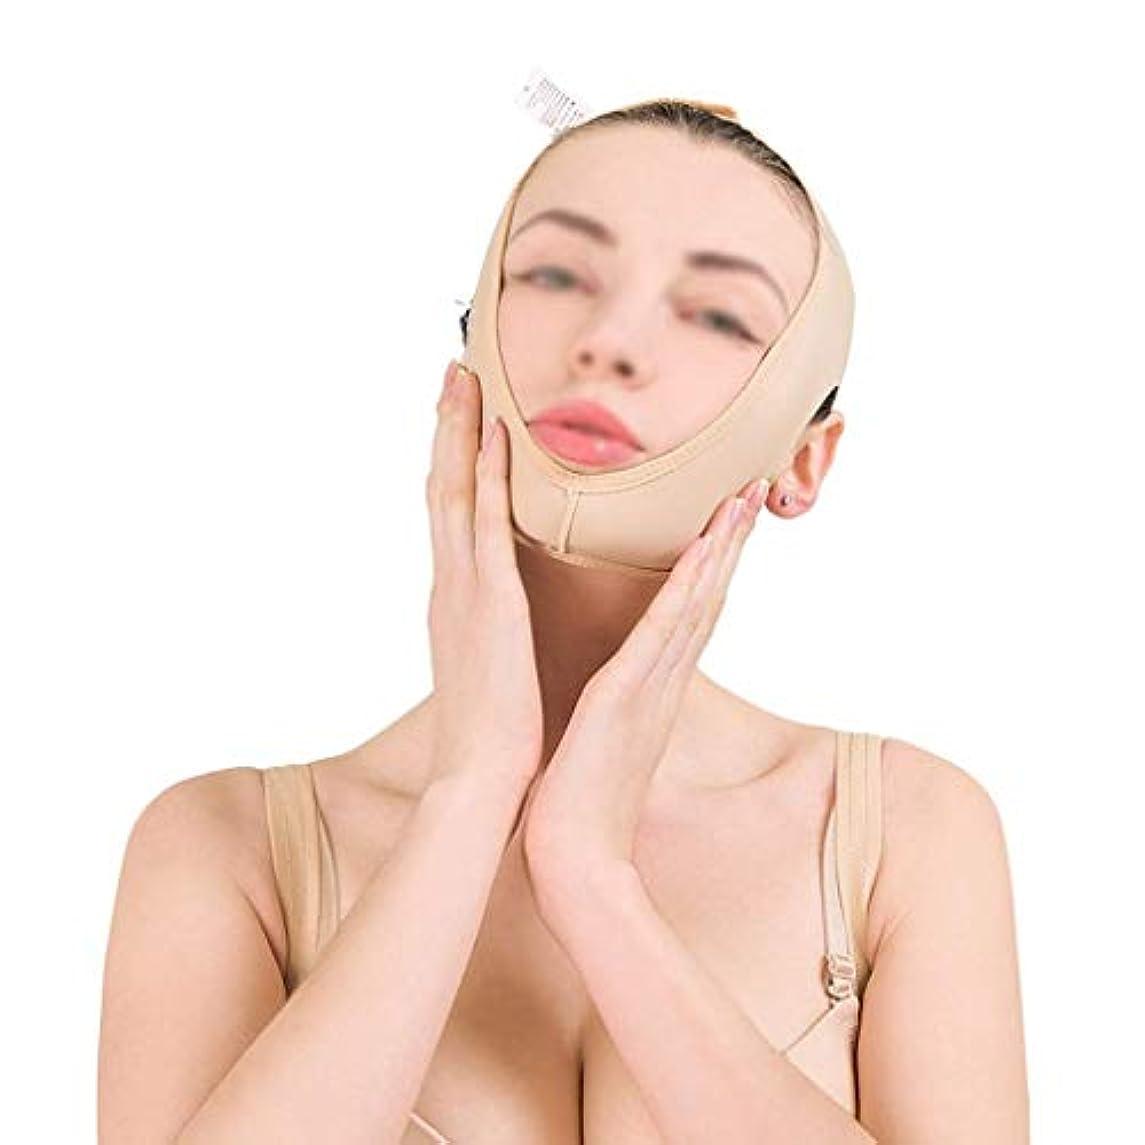 交響曲権威中絶マスク減量、肌の包帯を引き締めるリフティングフェイスバンド、フェイスリフティング、ダブルチンビューティバンデージ、フェイスリフト(サイズ:L),ザ?